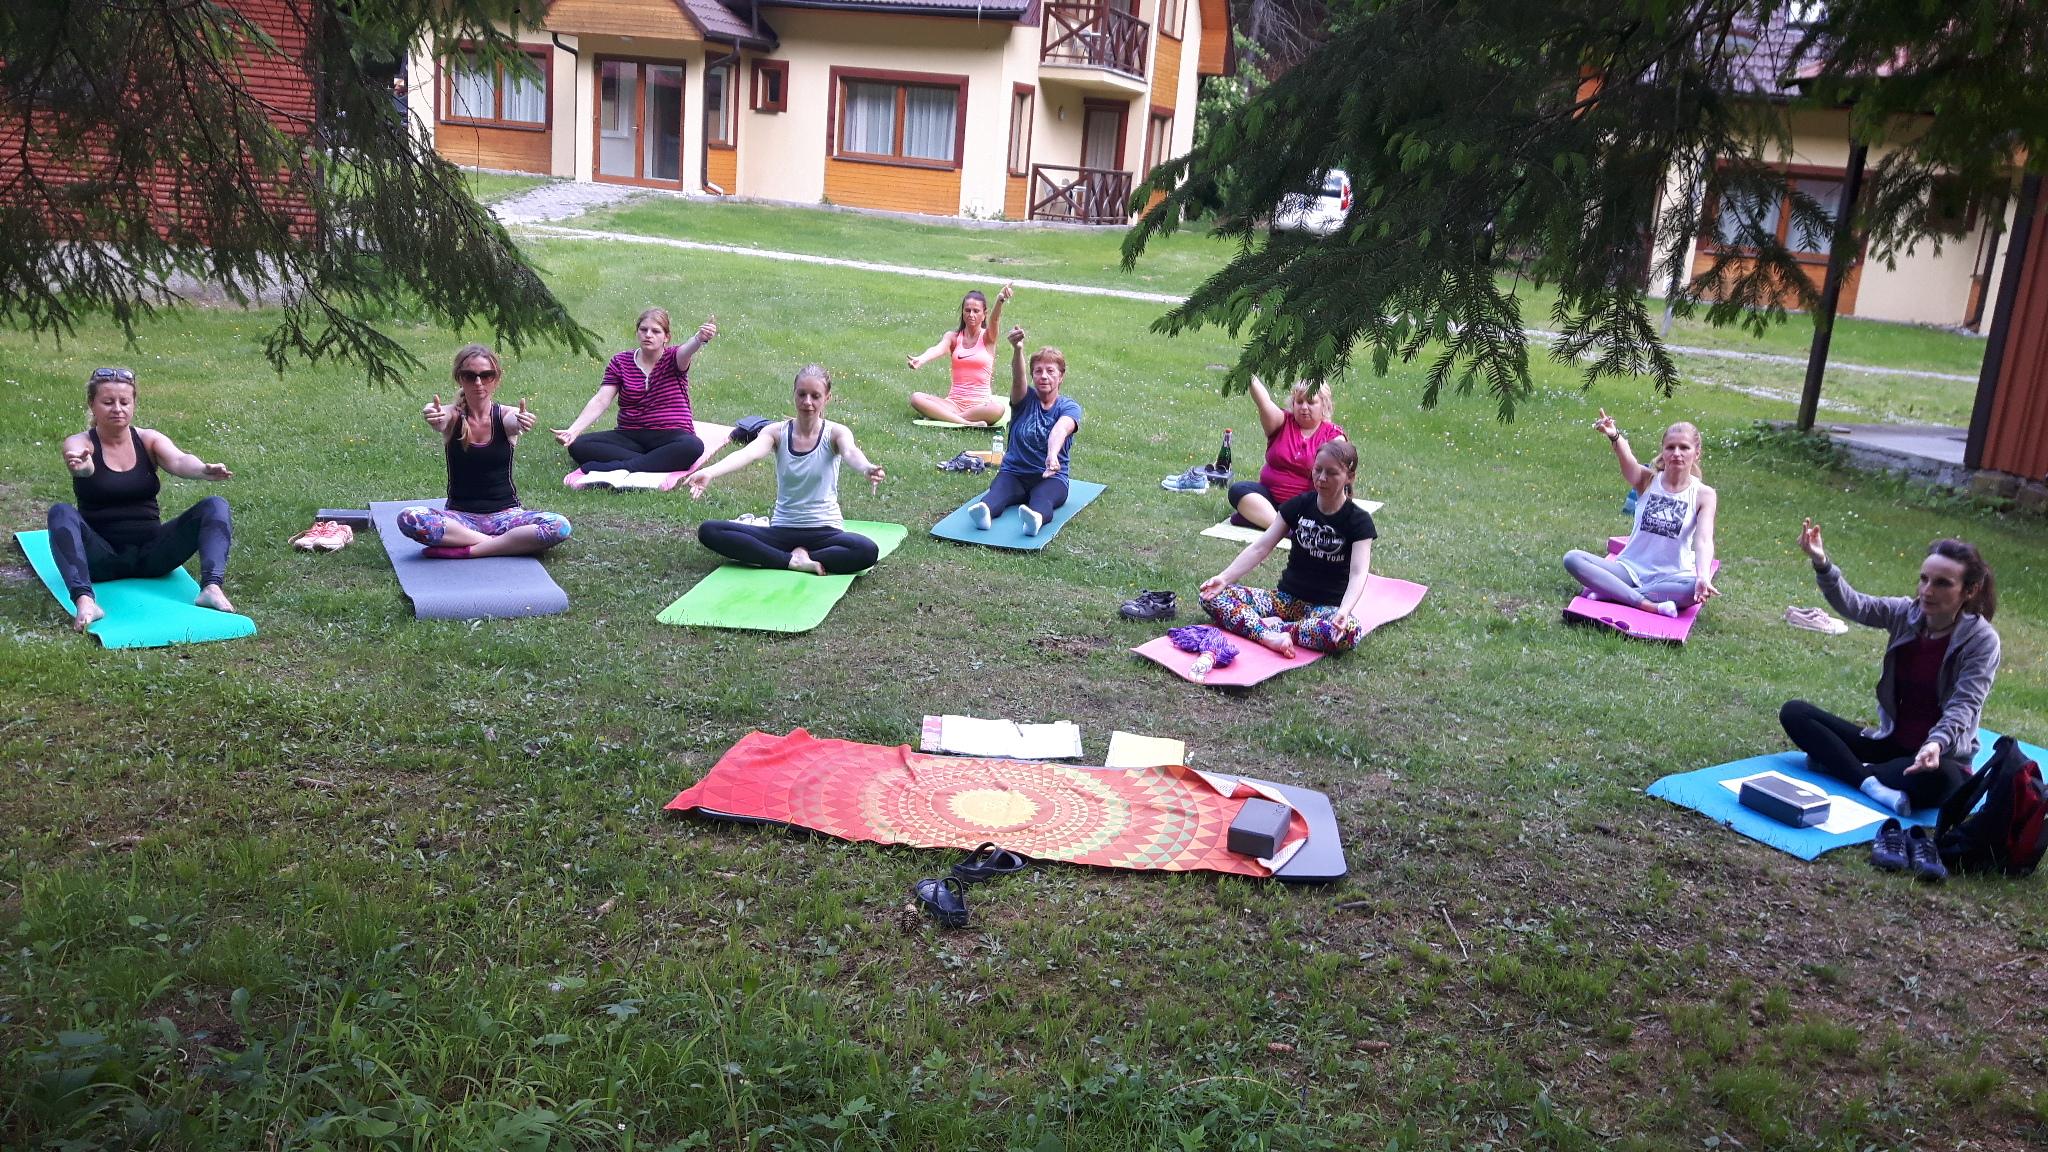 hormonalna-joga-kurz-Gader-jana-sramkova